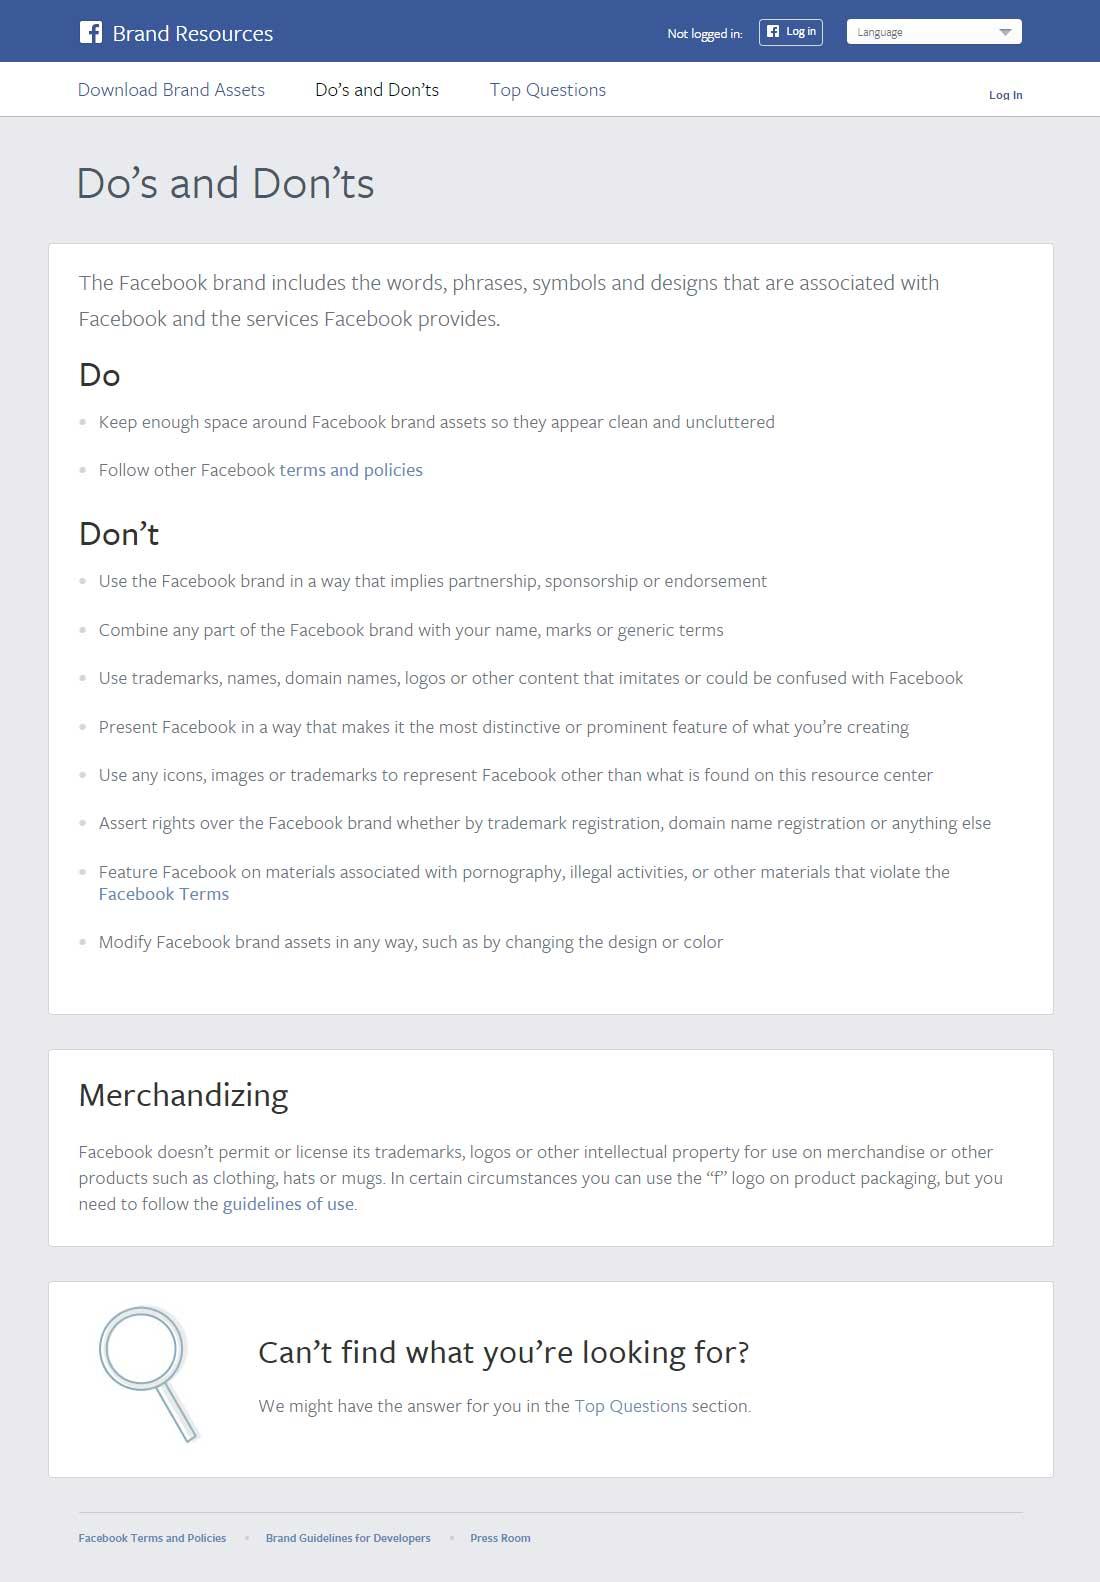 Die Do's & Don'ts bei der Verwendung des Facebook Logos (Screenshot: facebook.com)